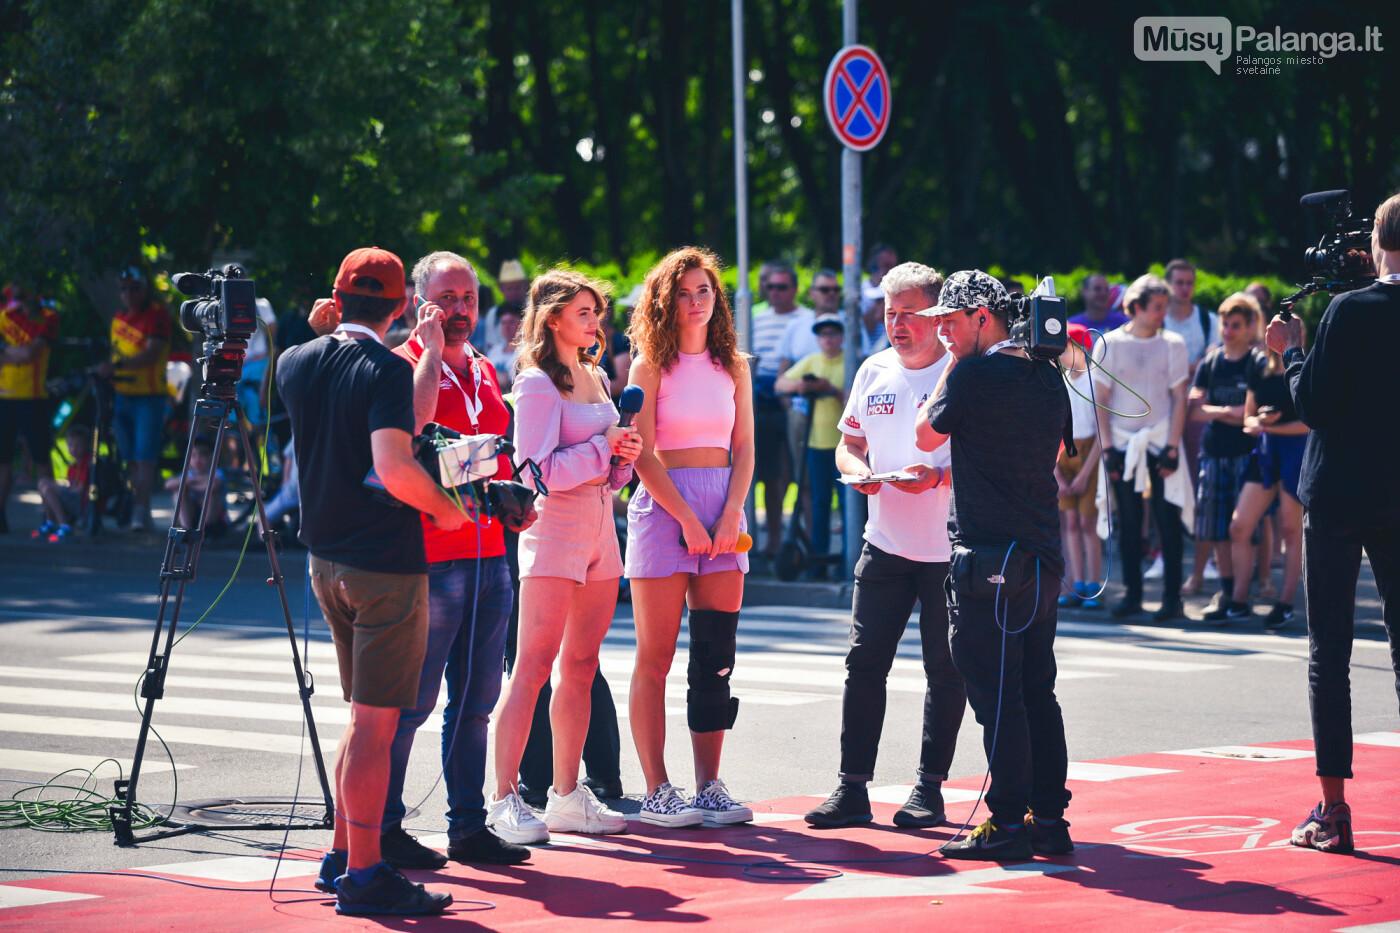 """Palanga alsuoja """"Aurum 1006 km lenktynių"""" ritmu, nuotrauka-19, Vytauto PILKAUSKO ir Arno STRUMILOS nuotr."""